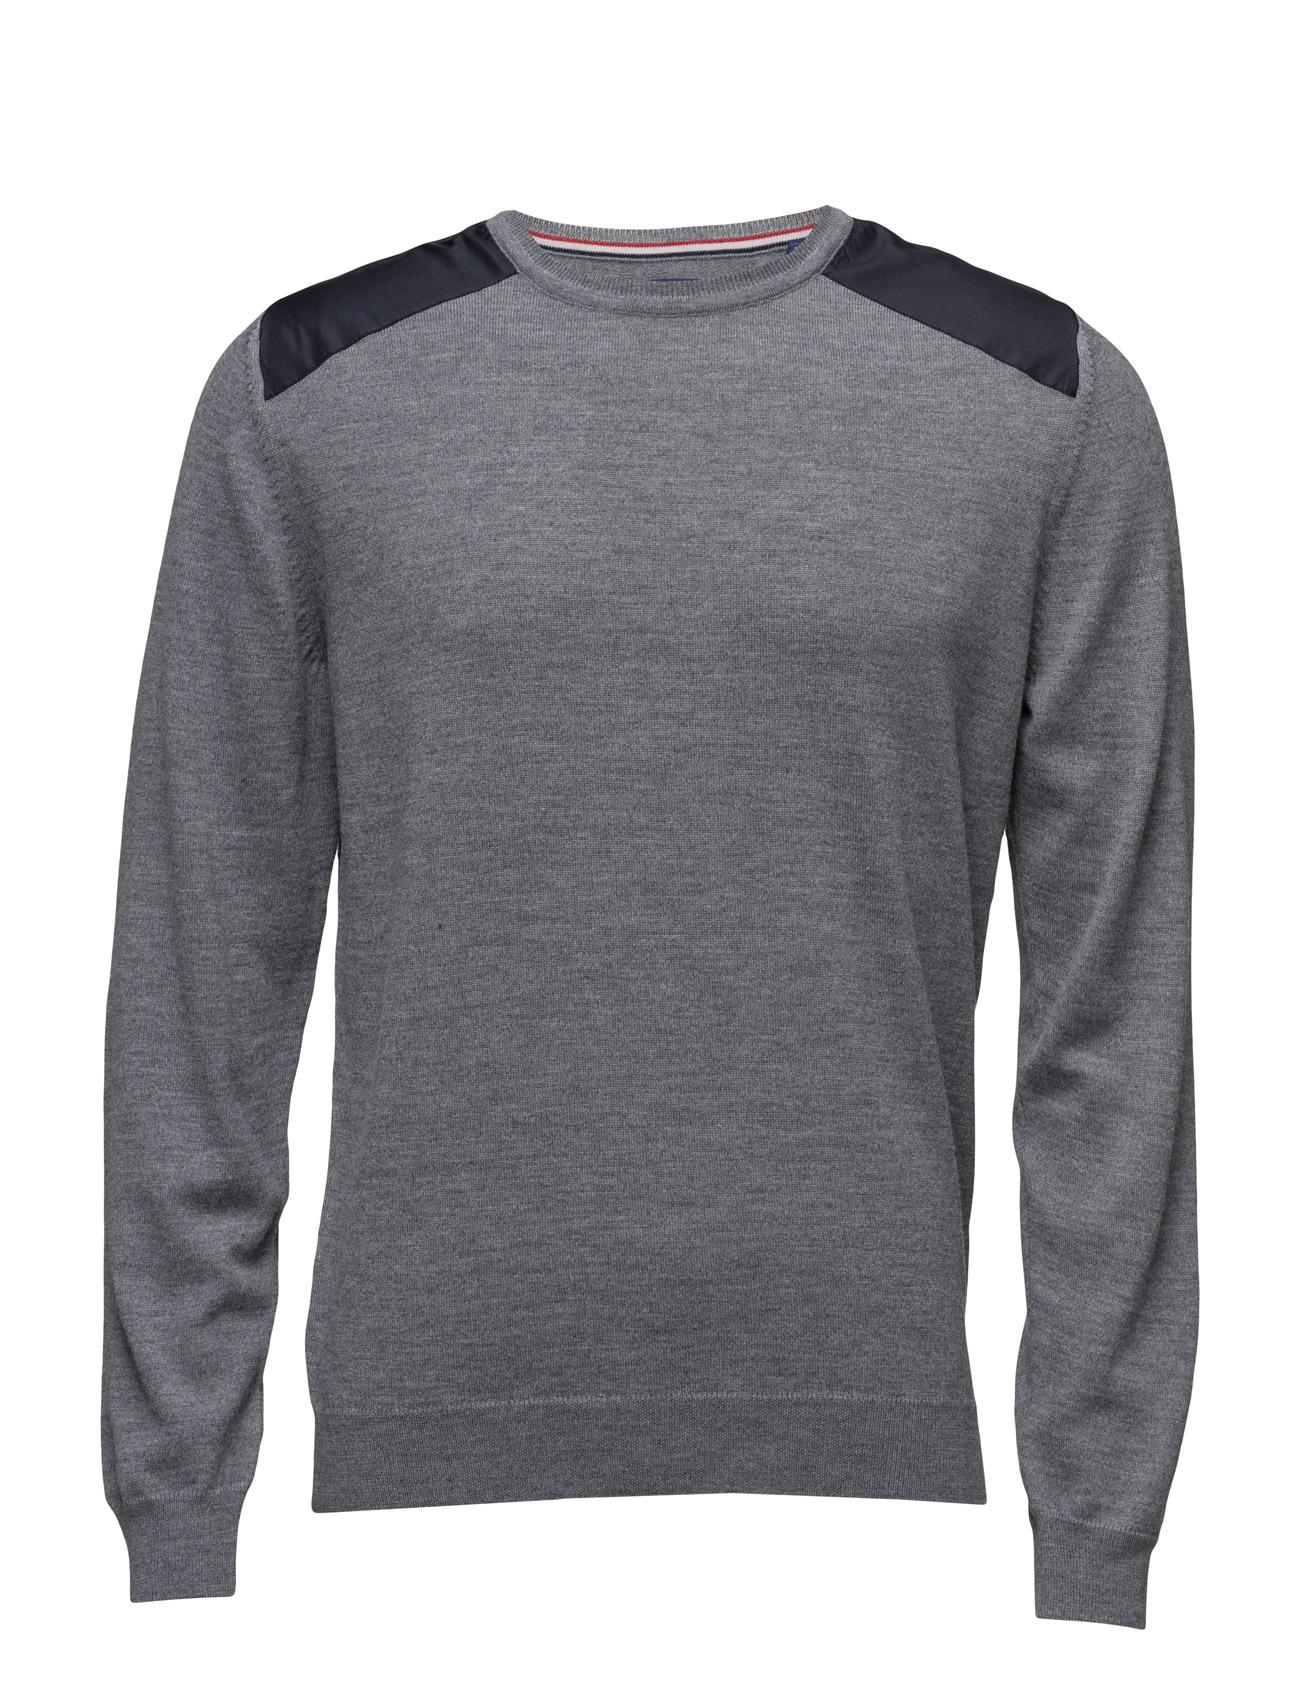 kläder online (Sida 1255 av 2522) 18456c2127314